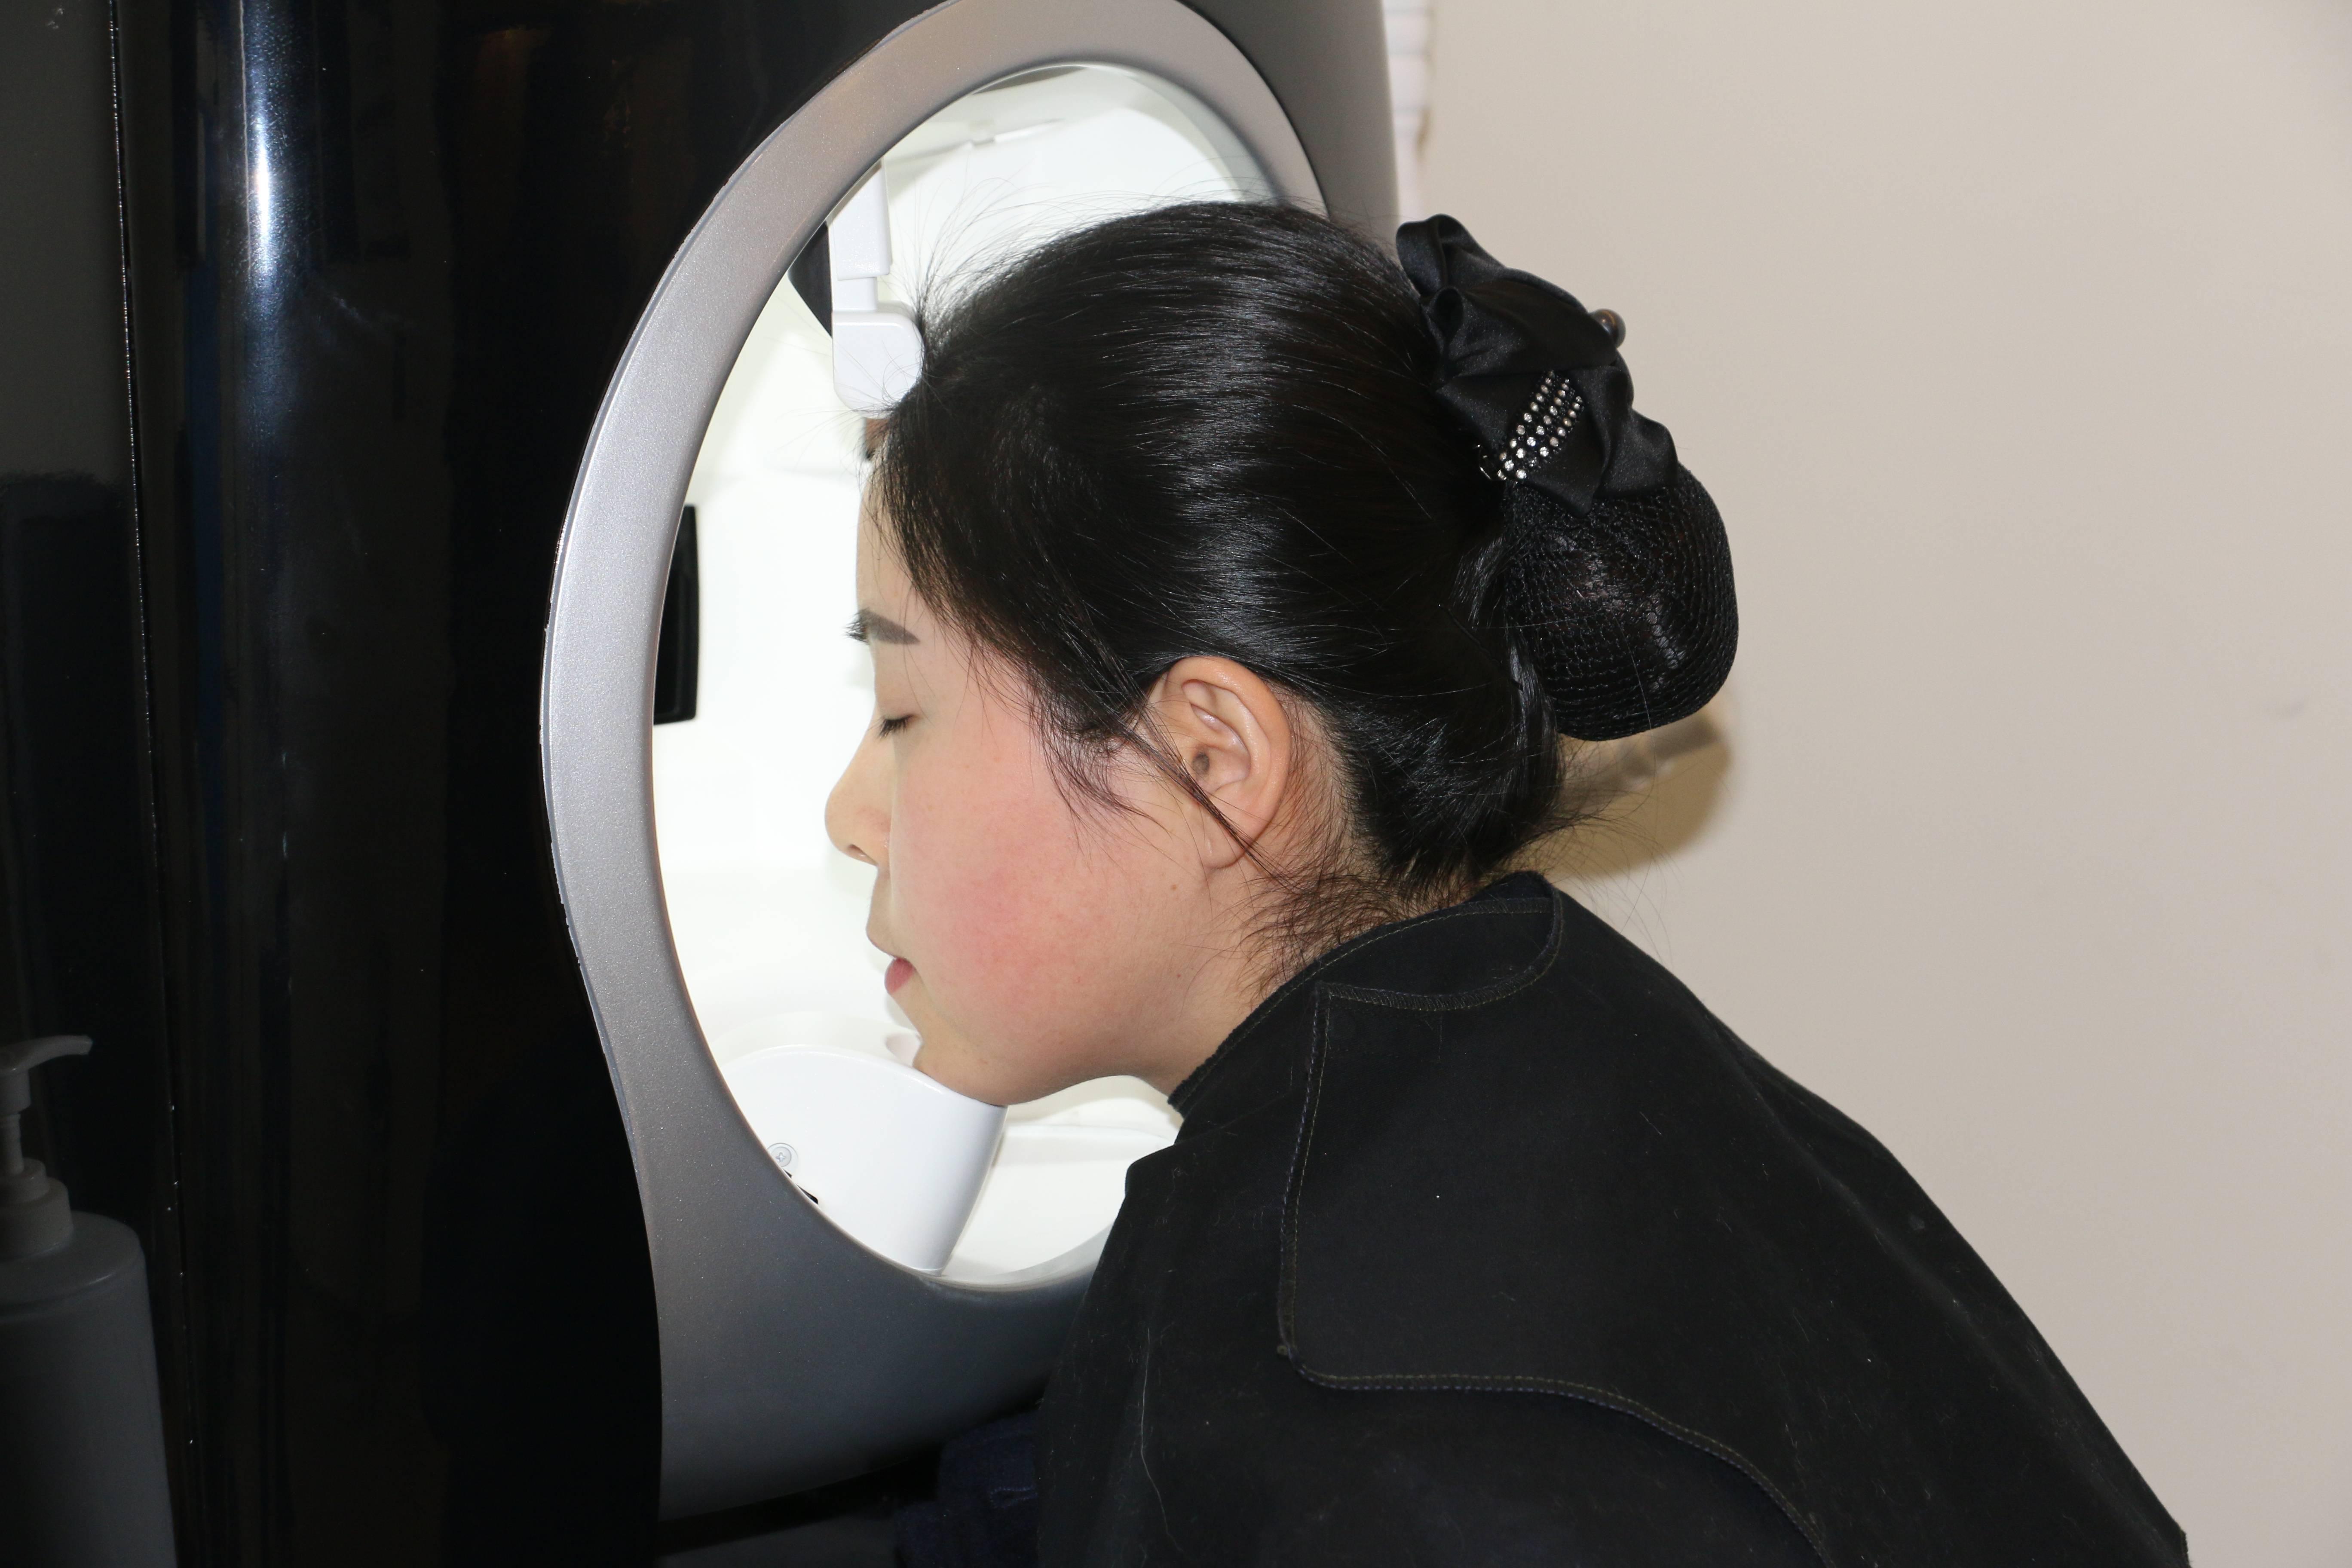 兰兰老家在山区,由于气候因素导致皮肤角质层过薄,红血丝很多,而且皮肤遇冷遇热会出现潮红,非常尴尬!经过面诊和VISIA皮肤检测,对皮肤深层做了一个深度的确诊,并根据检测结果和兰兰的肤质制定了适合她的舒敏治疗